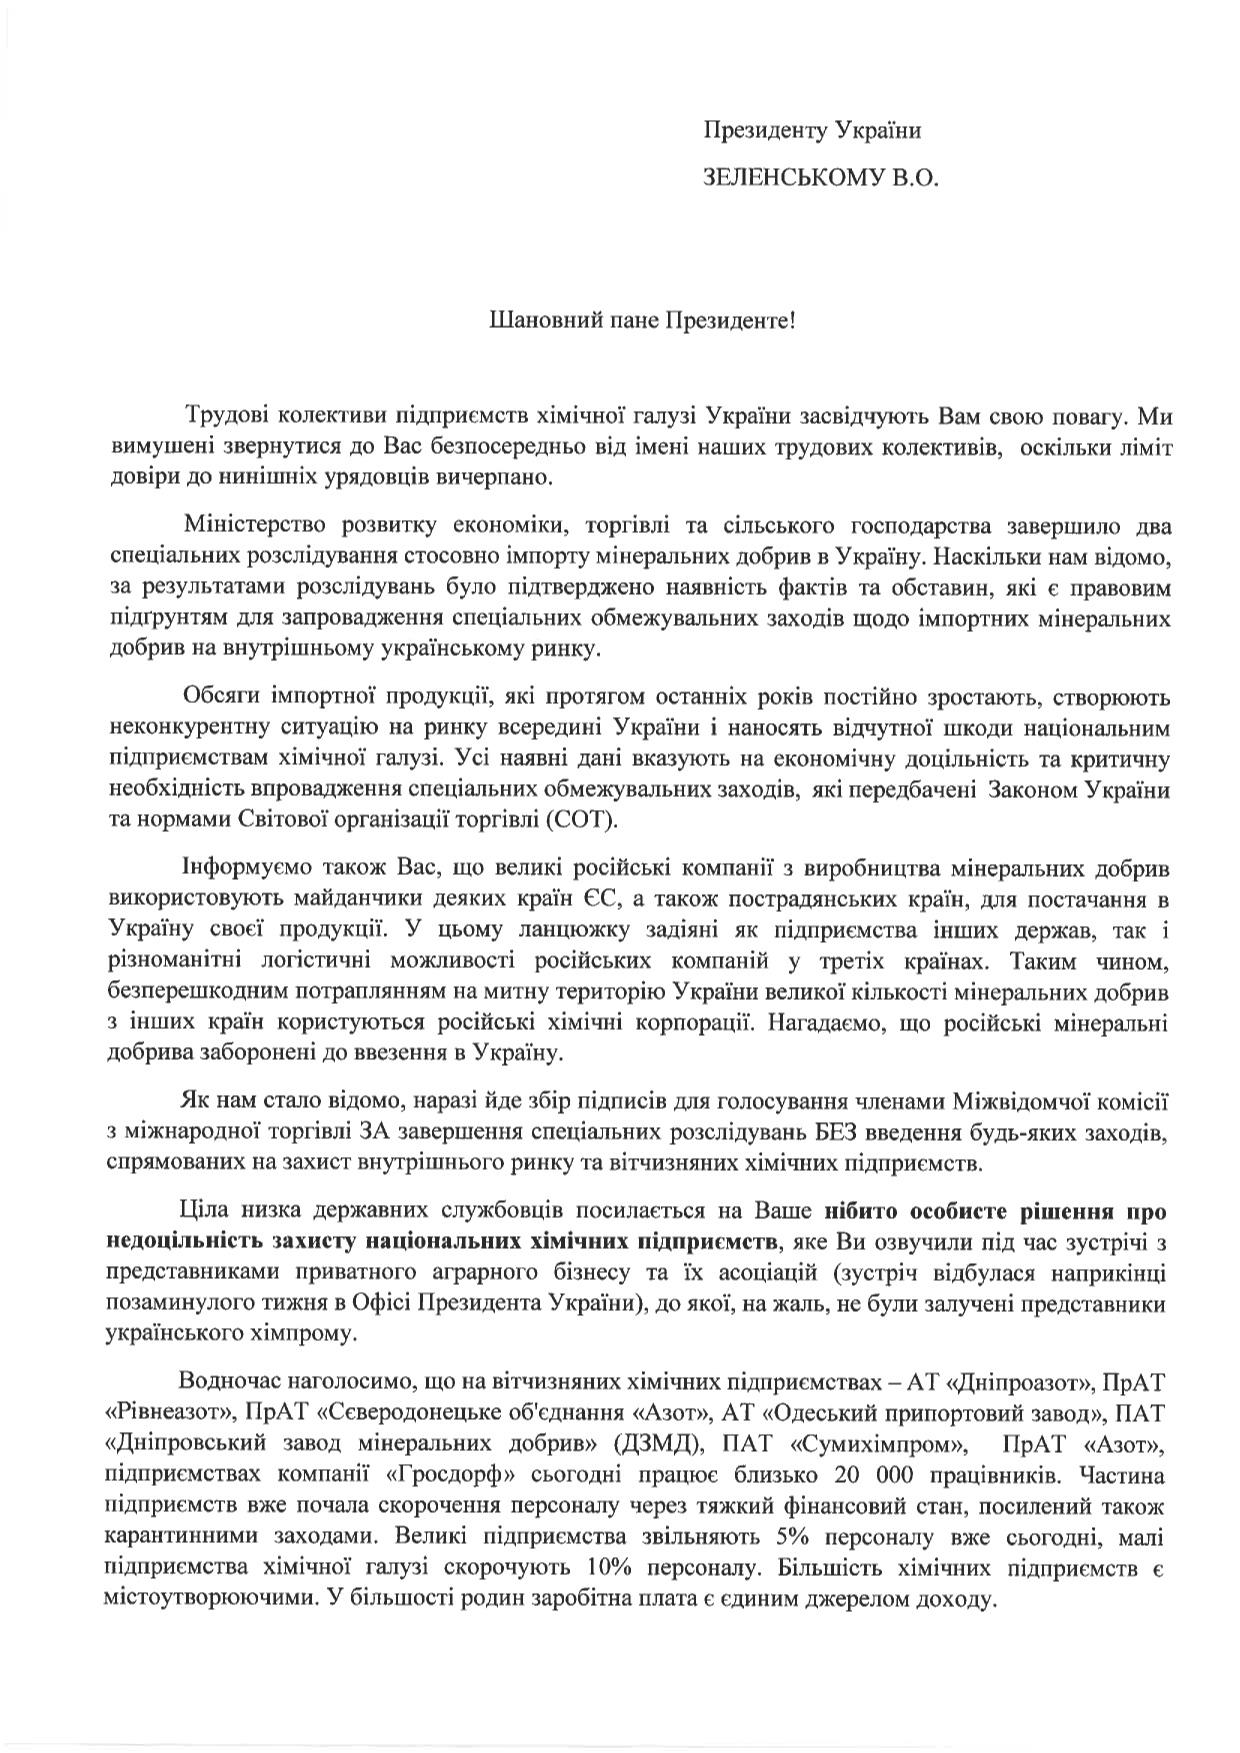 Робітники хімічних підприємств попросили у Президента діалогу та недопущення скорочення робочих місць у галузі